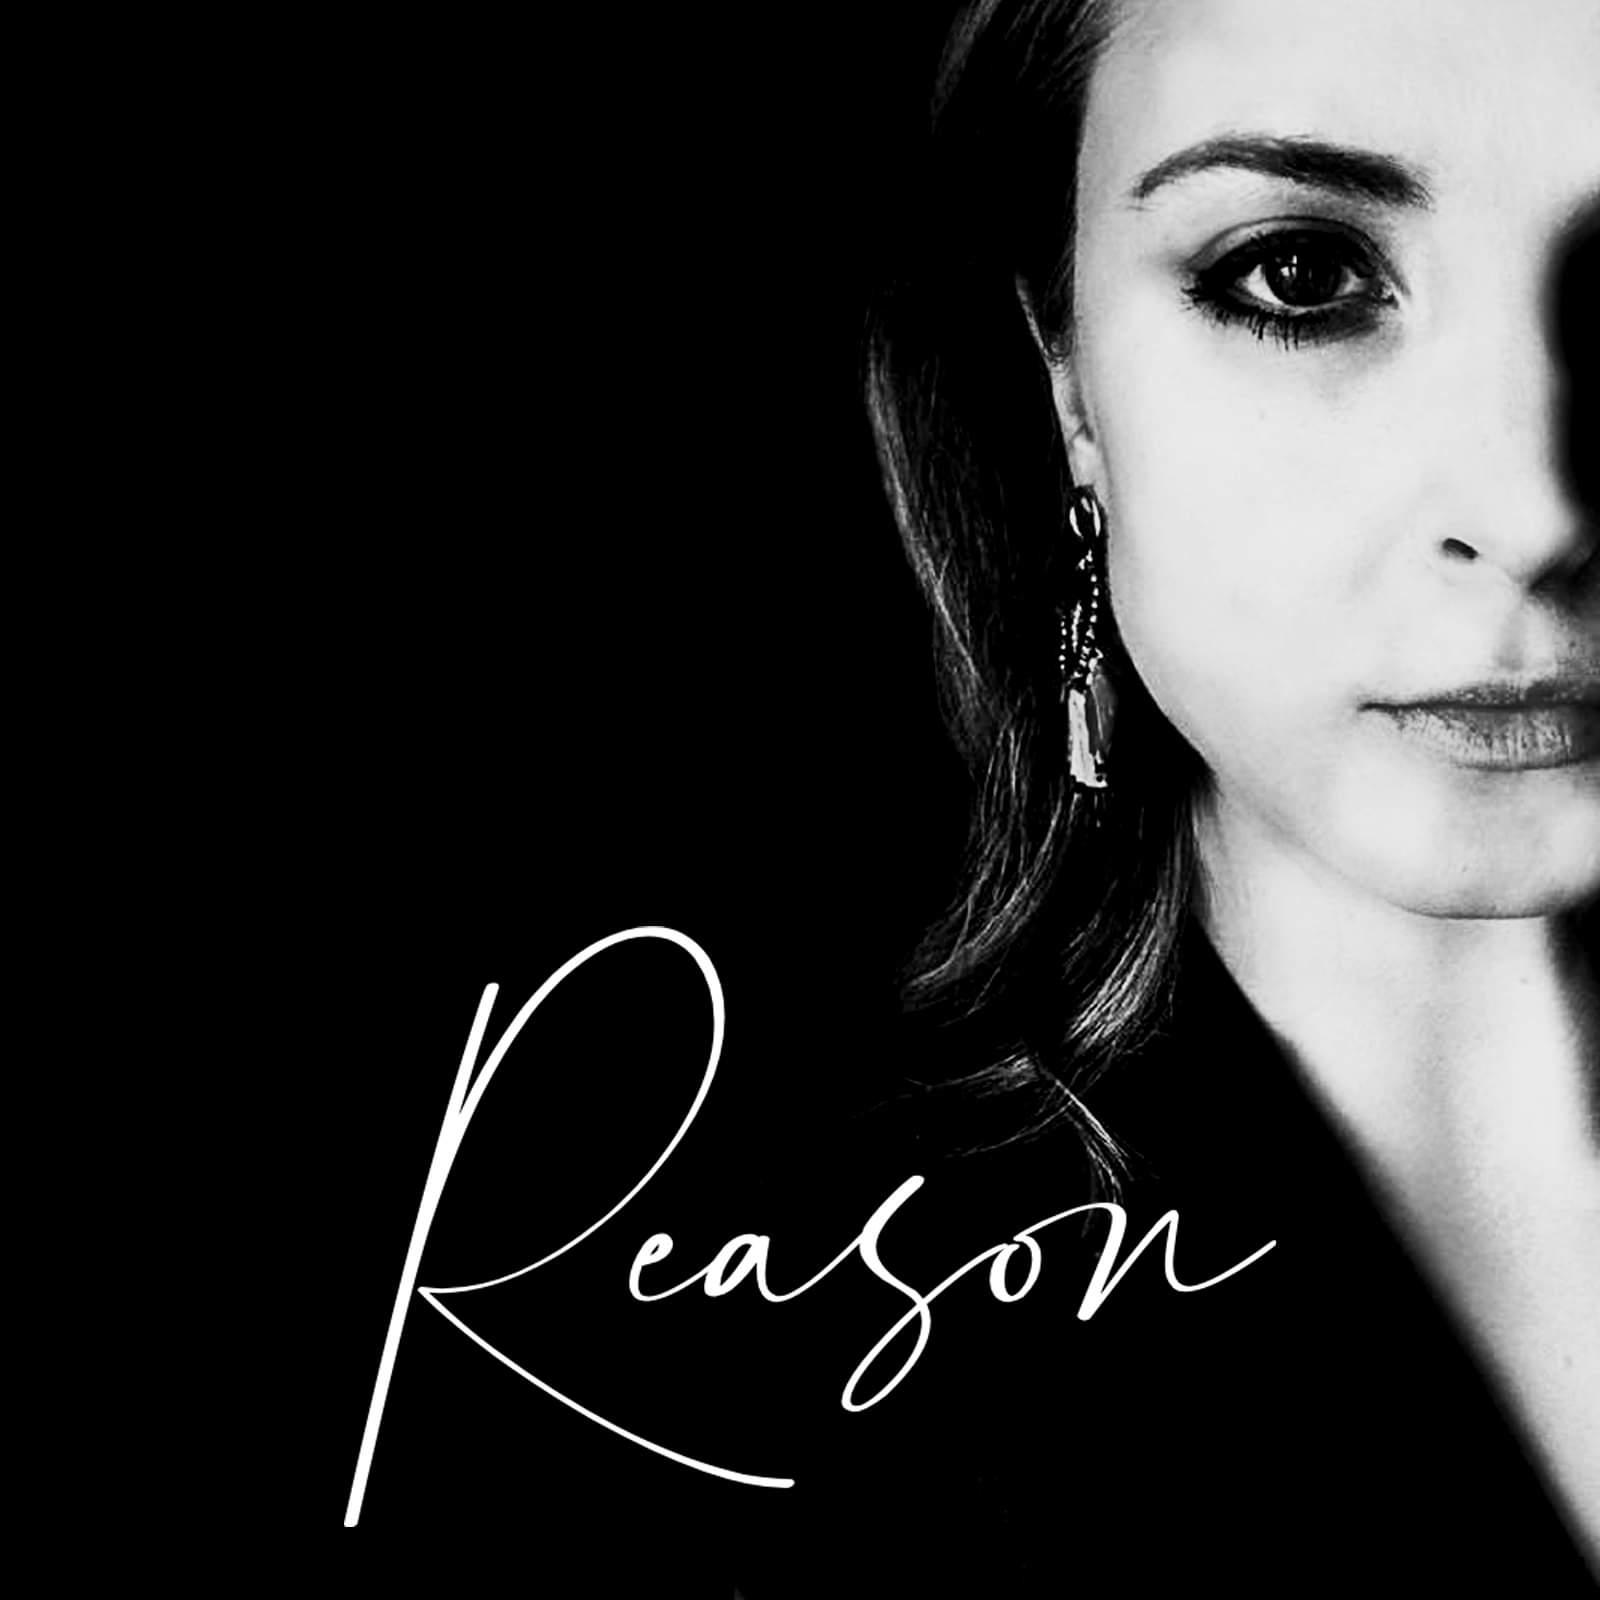 Reason_Artwork_Hannah_Baiardi